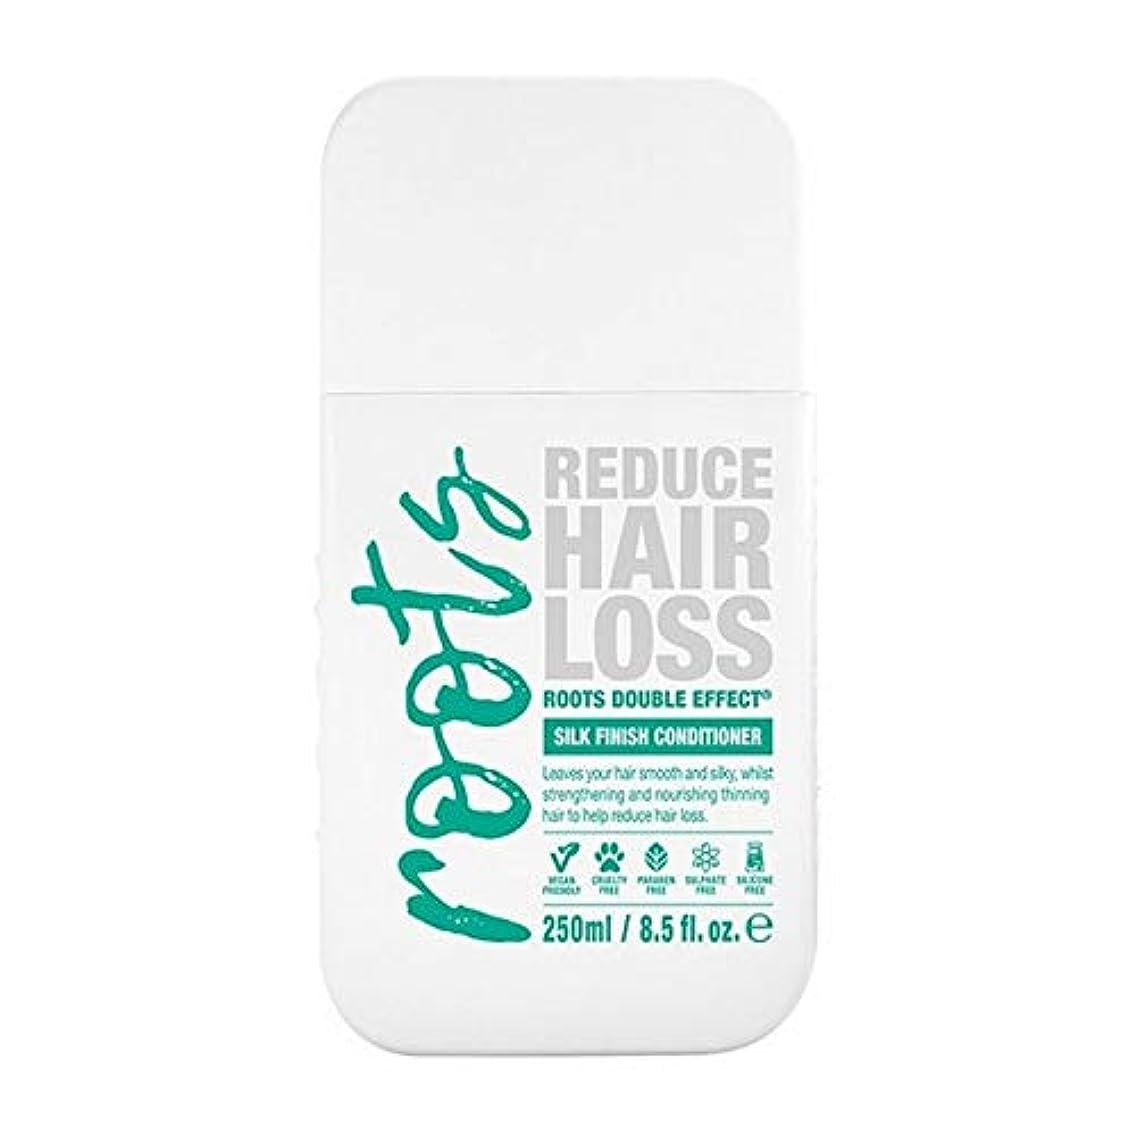 学士九証明[Roots ] 根のダブル効果育毛シャンプー250Ml - Roots Double Effect Hair Growth Conditioner 250ml [並行輸入品]